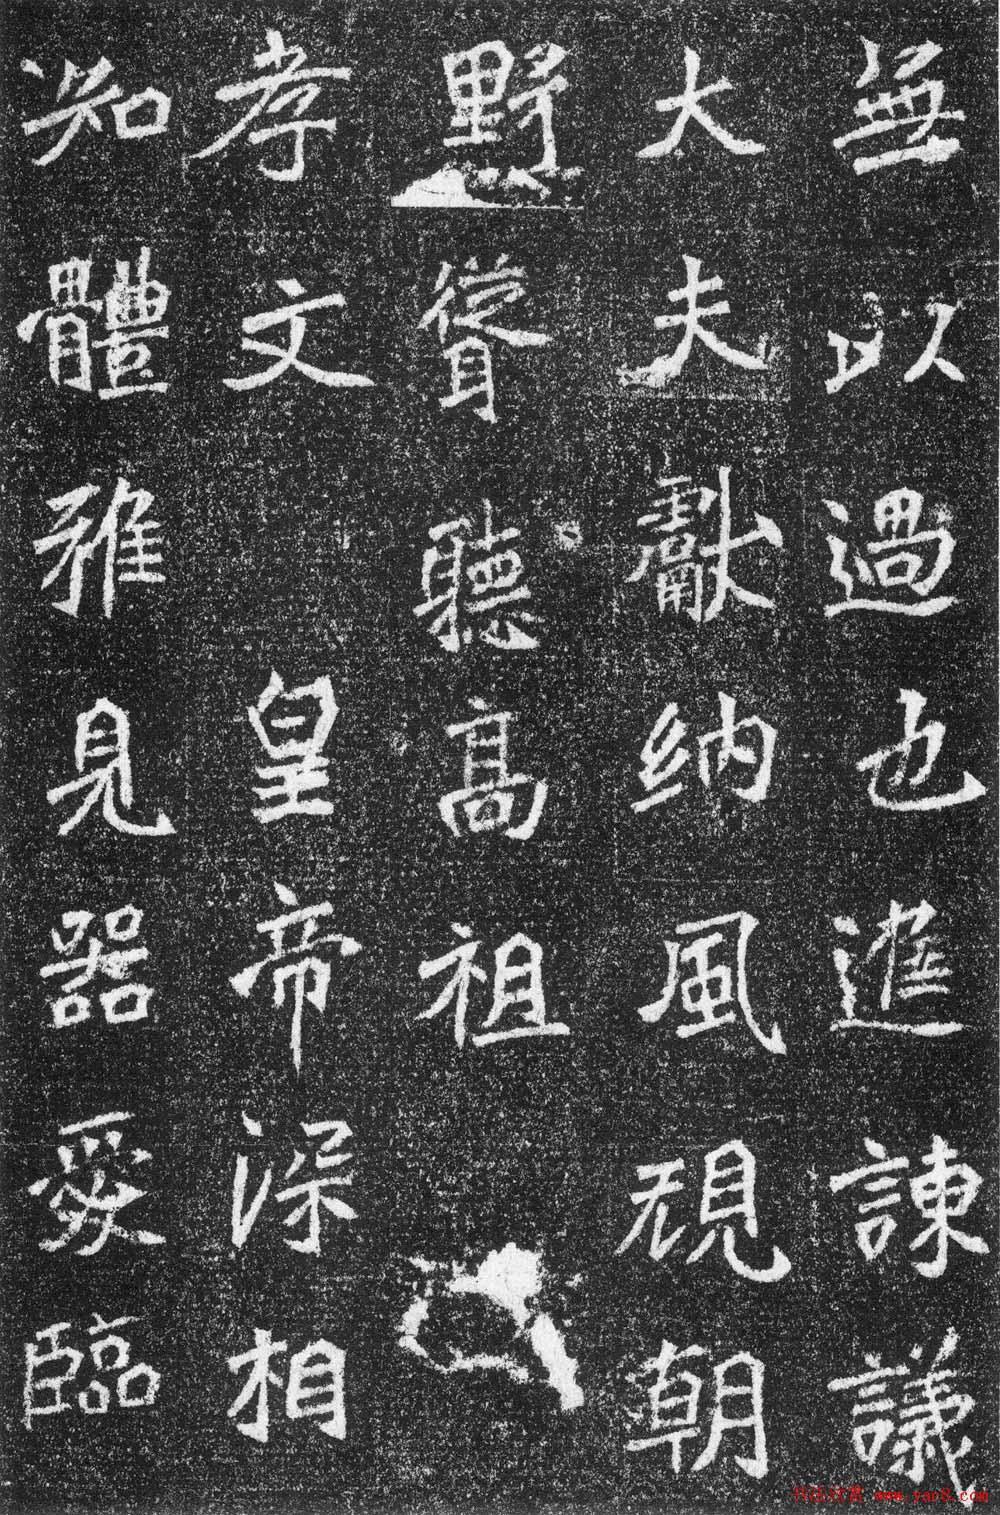 正面刻魏书二十八行,行三十字;背面刻十二行,行十七字.书法笔画